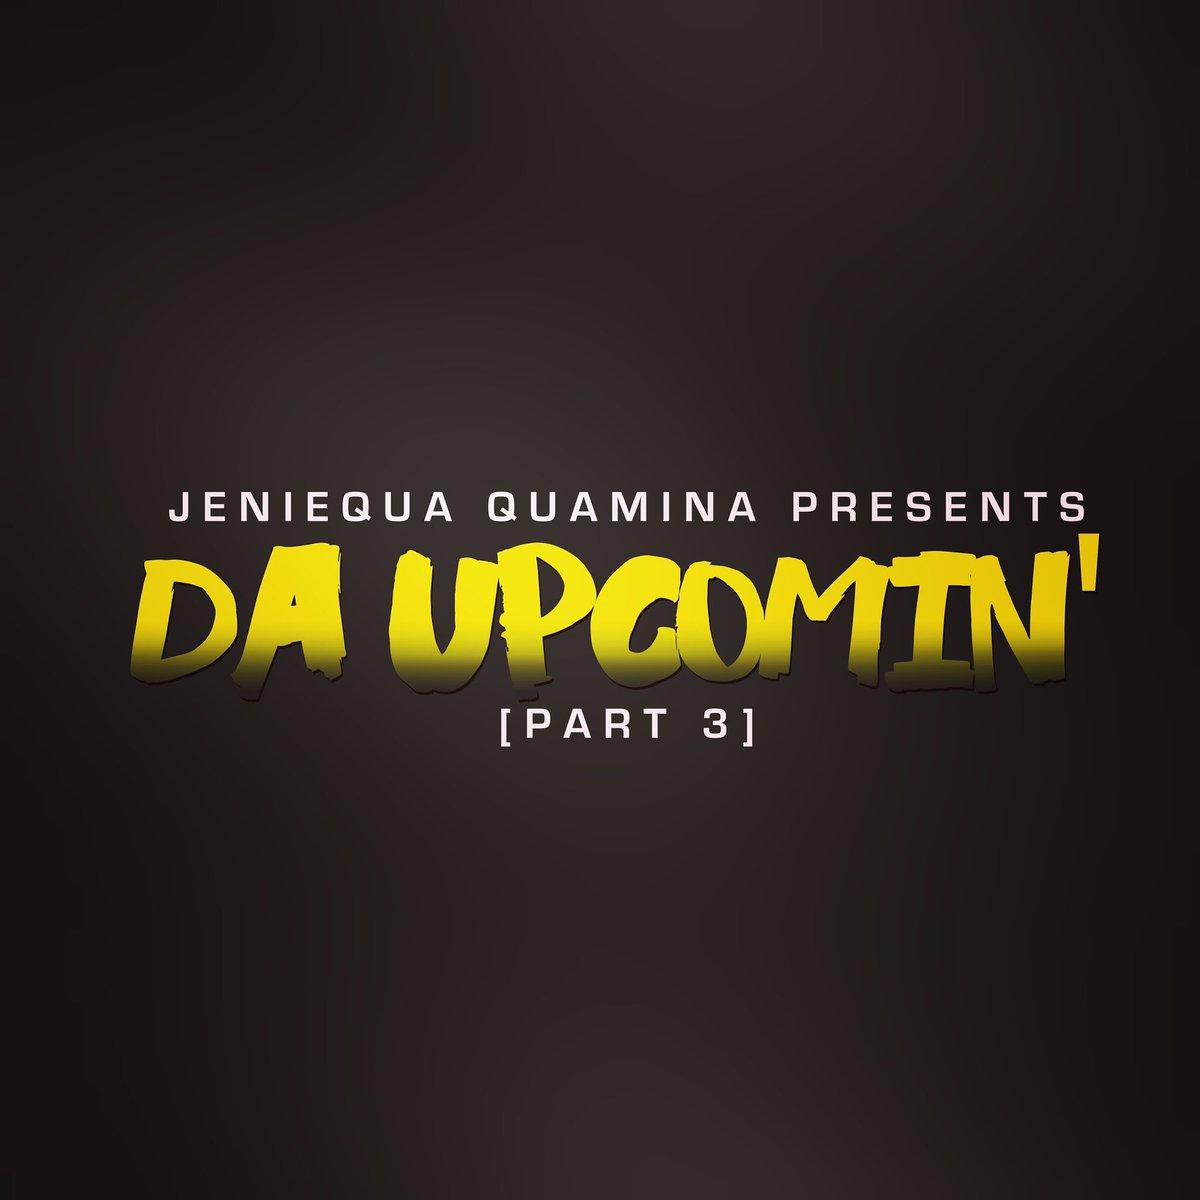 da-upcomin-19-10-2016andrew